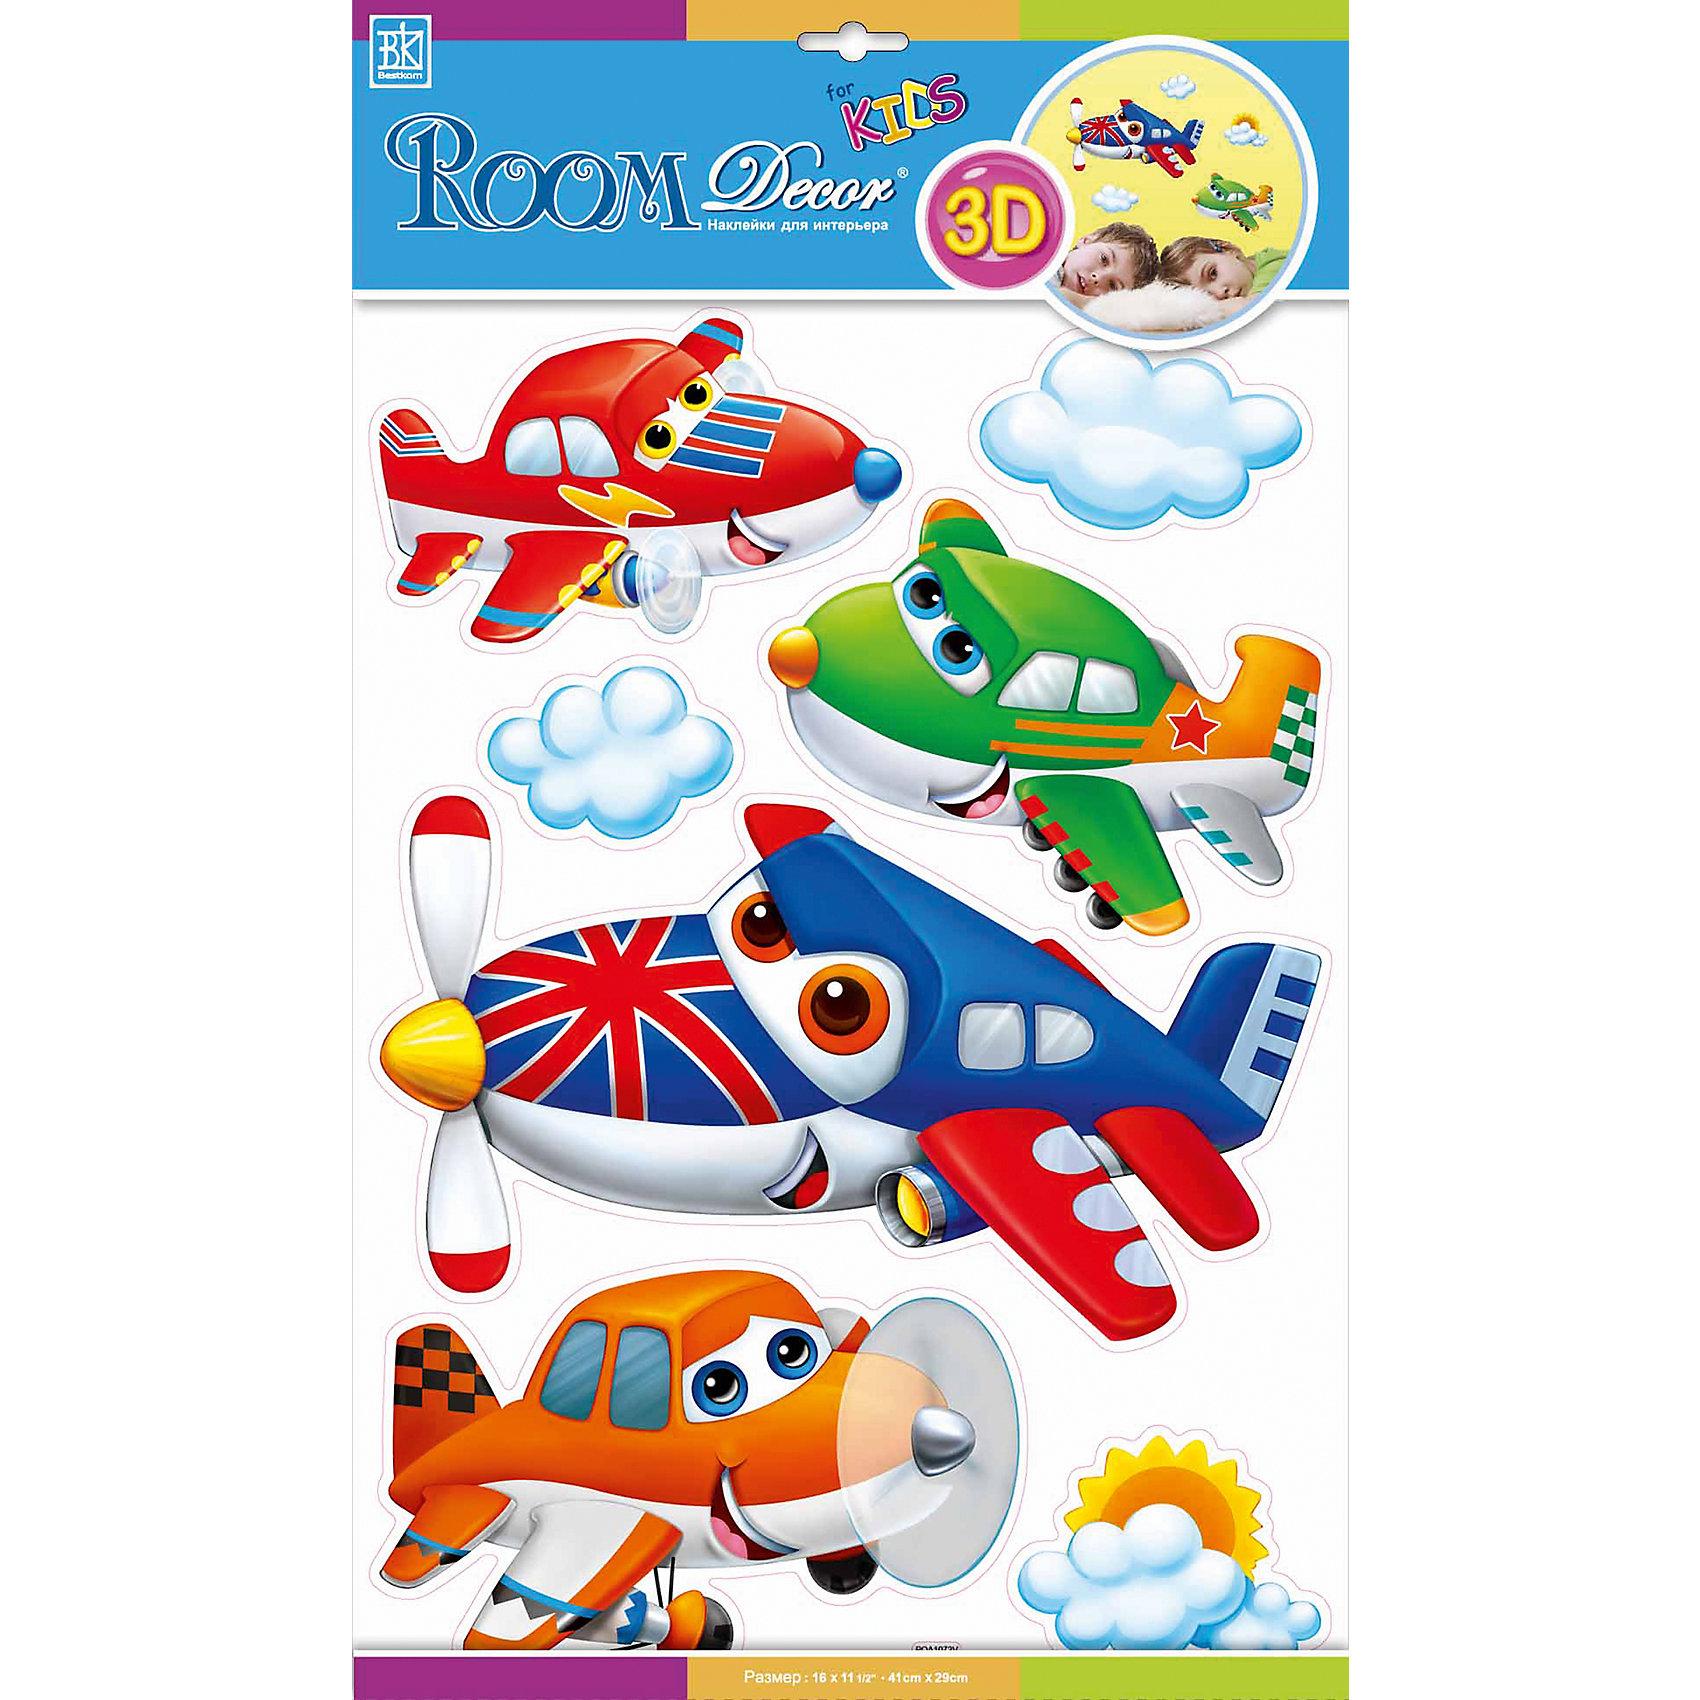 Наклейка Самолетики с глазками №2 POA1073, Room DecorПредметы интерьера<br>Характеристики:<br><br>• Предназначение: декор комнаты, создание творческой зоны в детской комнате<br>• Серия: Детские<br>• Тематика наклеек: самолеты<br>• Материал: картон, ПВХ<br>• Комплектация: 7 элементов<br>• Форма: 3d<br>• Объемные<br>• Клейкая поверхность крепится на окрашенные стены, обои, двери, деревянные панели, стекло<br>• Не повреждают поверхность<br>• Устойчивы к выцветанию и истиранию<br>• Повышенные влагостойкие свойства<br>• Размеры (Д*Ш*В): 30*7*42 см<br>• Вес: 50 г<br>• Упаковка: блистер<br><br>Все наклейки выполнены из безопасного и нетоксичного материала – ПВХ. Прочная клеевая основа обеспечивает надежное прикрепление практически к любому виду горизонтальной или вертикальной поверхности, при этом не деформируя и не повреждая ее. Наклейки обладают влагоустойчивыми свойствами, поэтому они хорошо переносят влажную уборку. <br><br>Наклейка Самолетики с глазками №2 POA1073, Room Decor состоит из набора, в который входят 7 элементов с изображением веселых самолетиков и вертолетиков. Набор выполнен в объемном формате, что придает всей композиции 3d эффект. <br><br>Наклейку Самолетики с глазками №2 POA1073, Room Decor можно купить в нашем интернет-магазине.<br><br>Ширина мм: 300<br>Глубина мм: 70<br>Высота мм: 420<br>Вес г: 50<br>Возраст от месяцев: 36<br>Возраст до месяцев: 168<br>Пол: Мужской<br>Возраст: Детский<br>SKU: 5513006